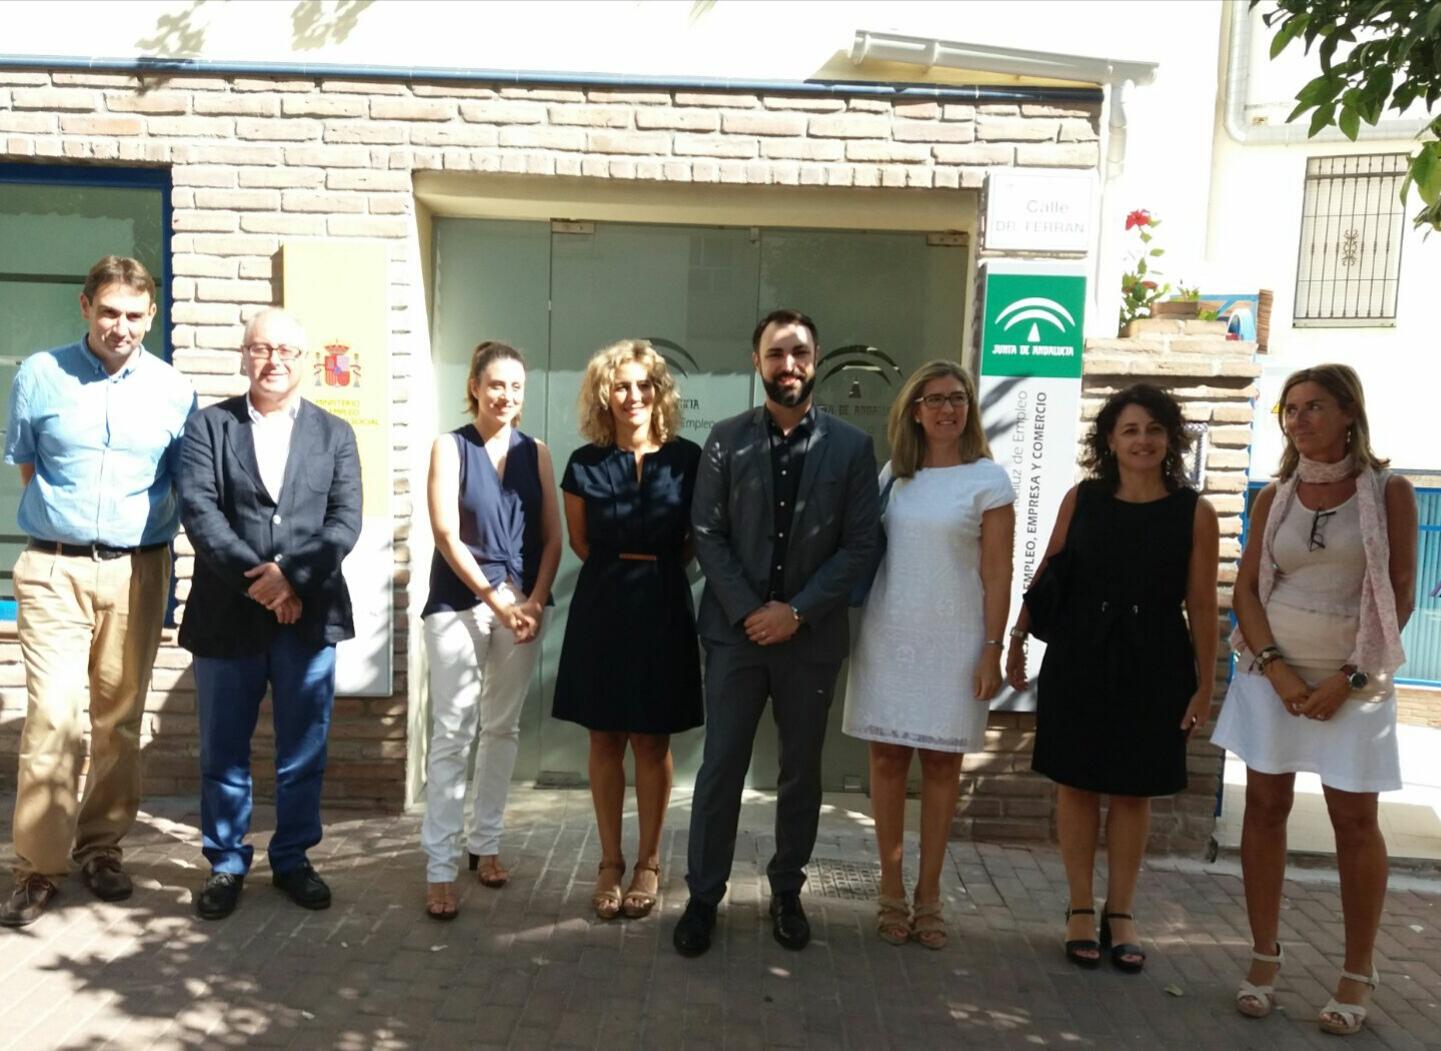 Nerja abre su nueva oficina del sae para demandantes for Oficina del sae